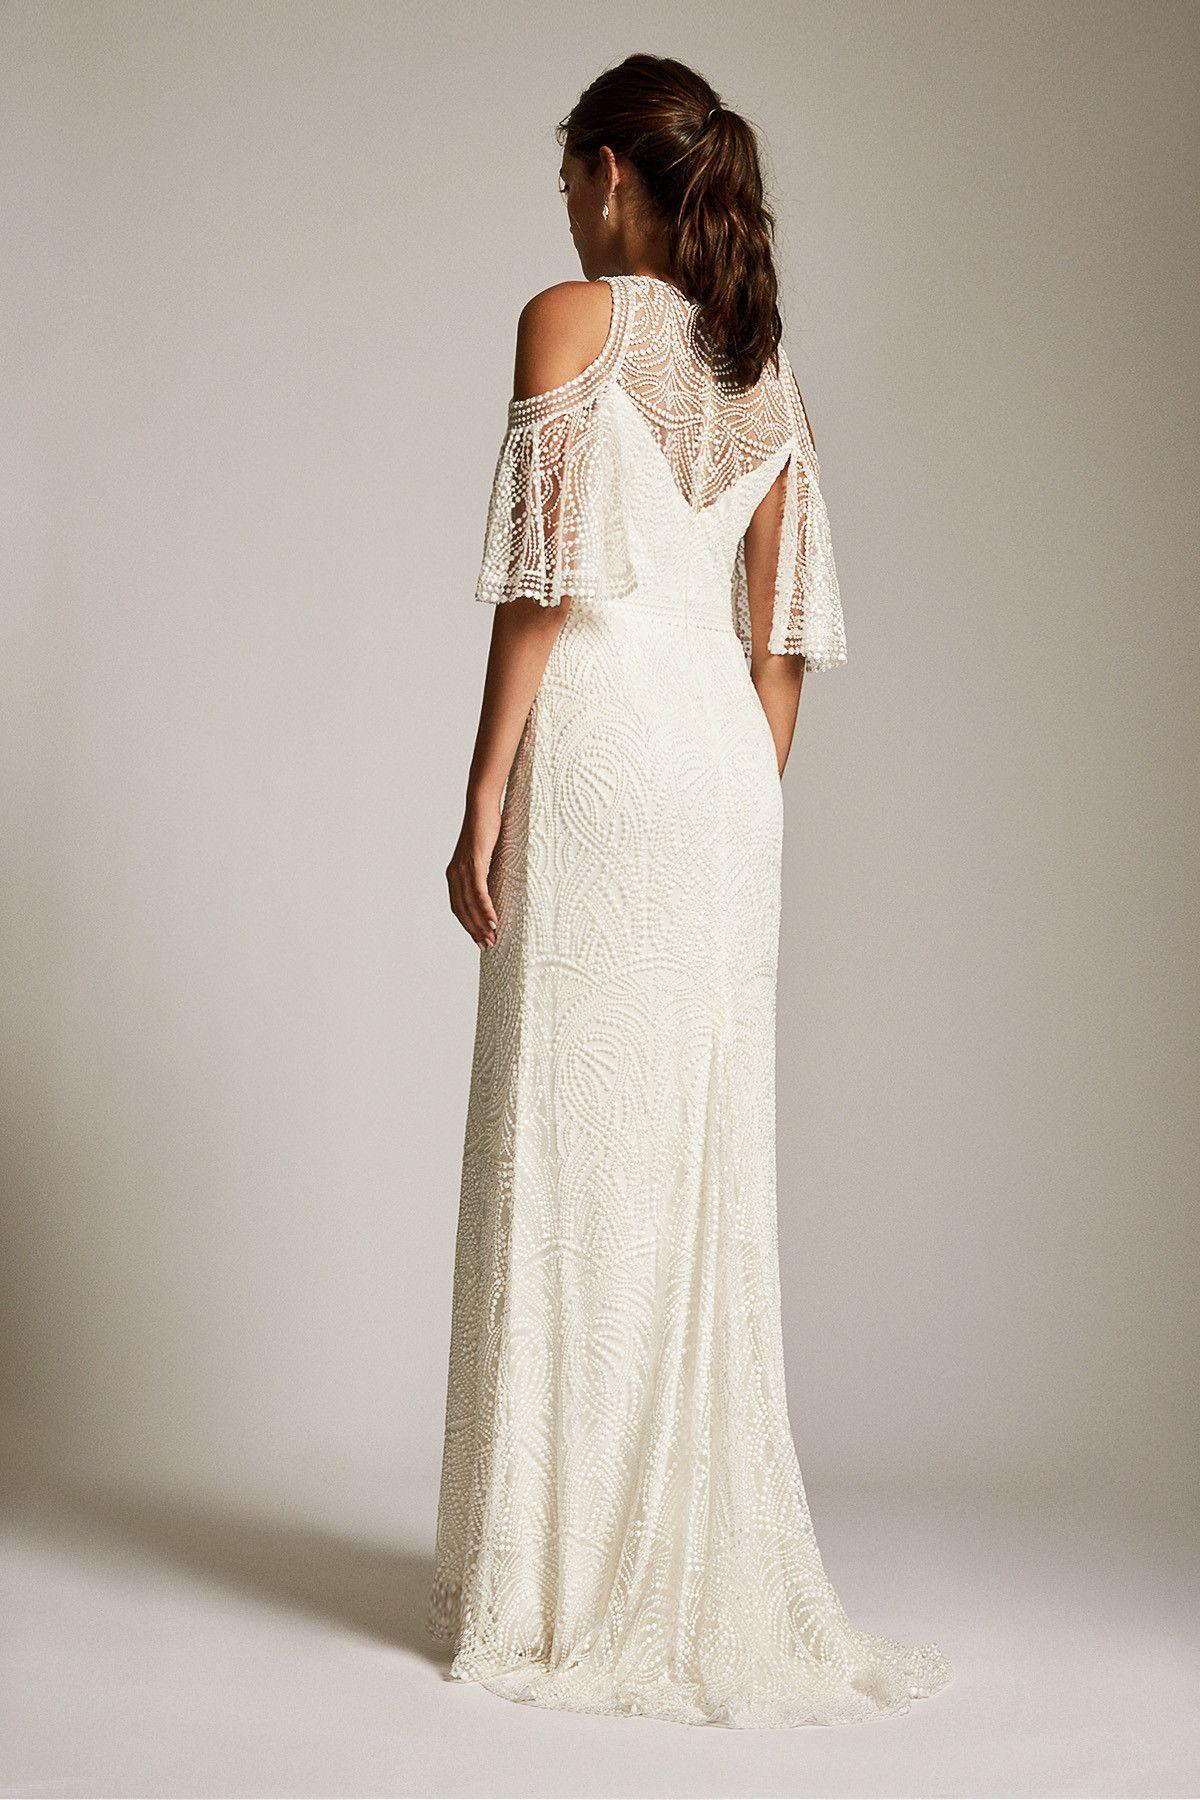 Tadashi Shoji Luz Gown Bbo18048lbr Size 6 Bridal Gown Bravobride Casual Wedding Dress Simple Wedding Gowns Sewing Wedding Dress